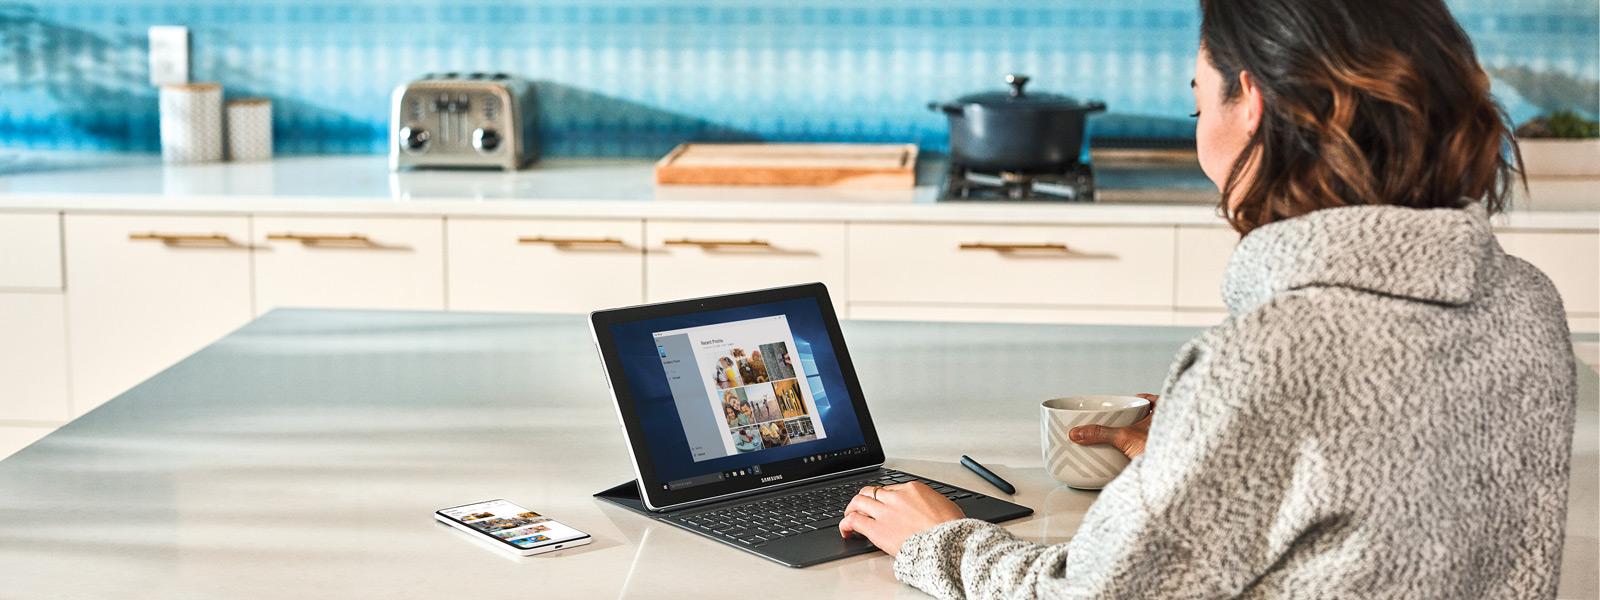 女人坐在流理台前,同時使用 Windows 10 筆記型電腦和她的行動電話